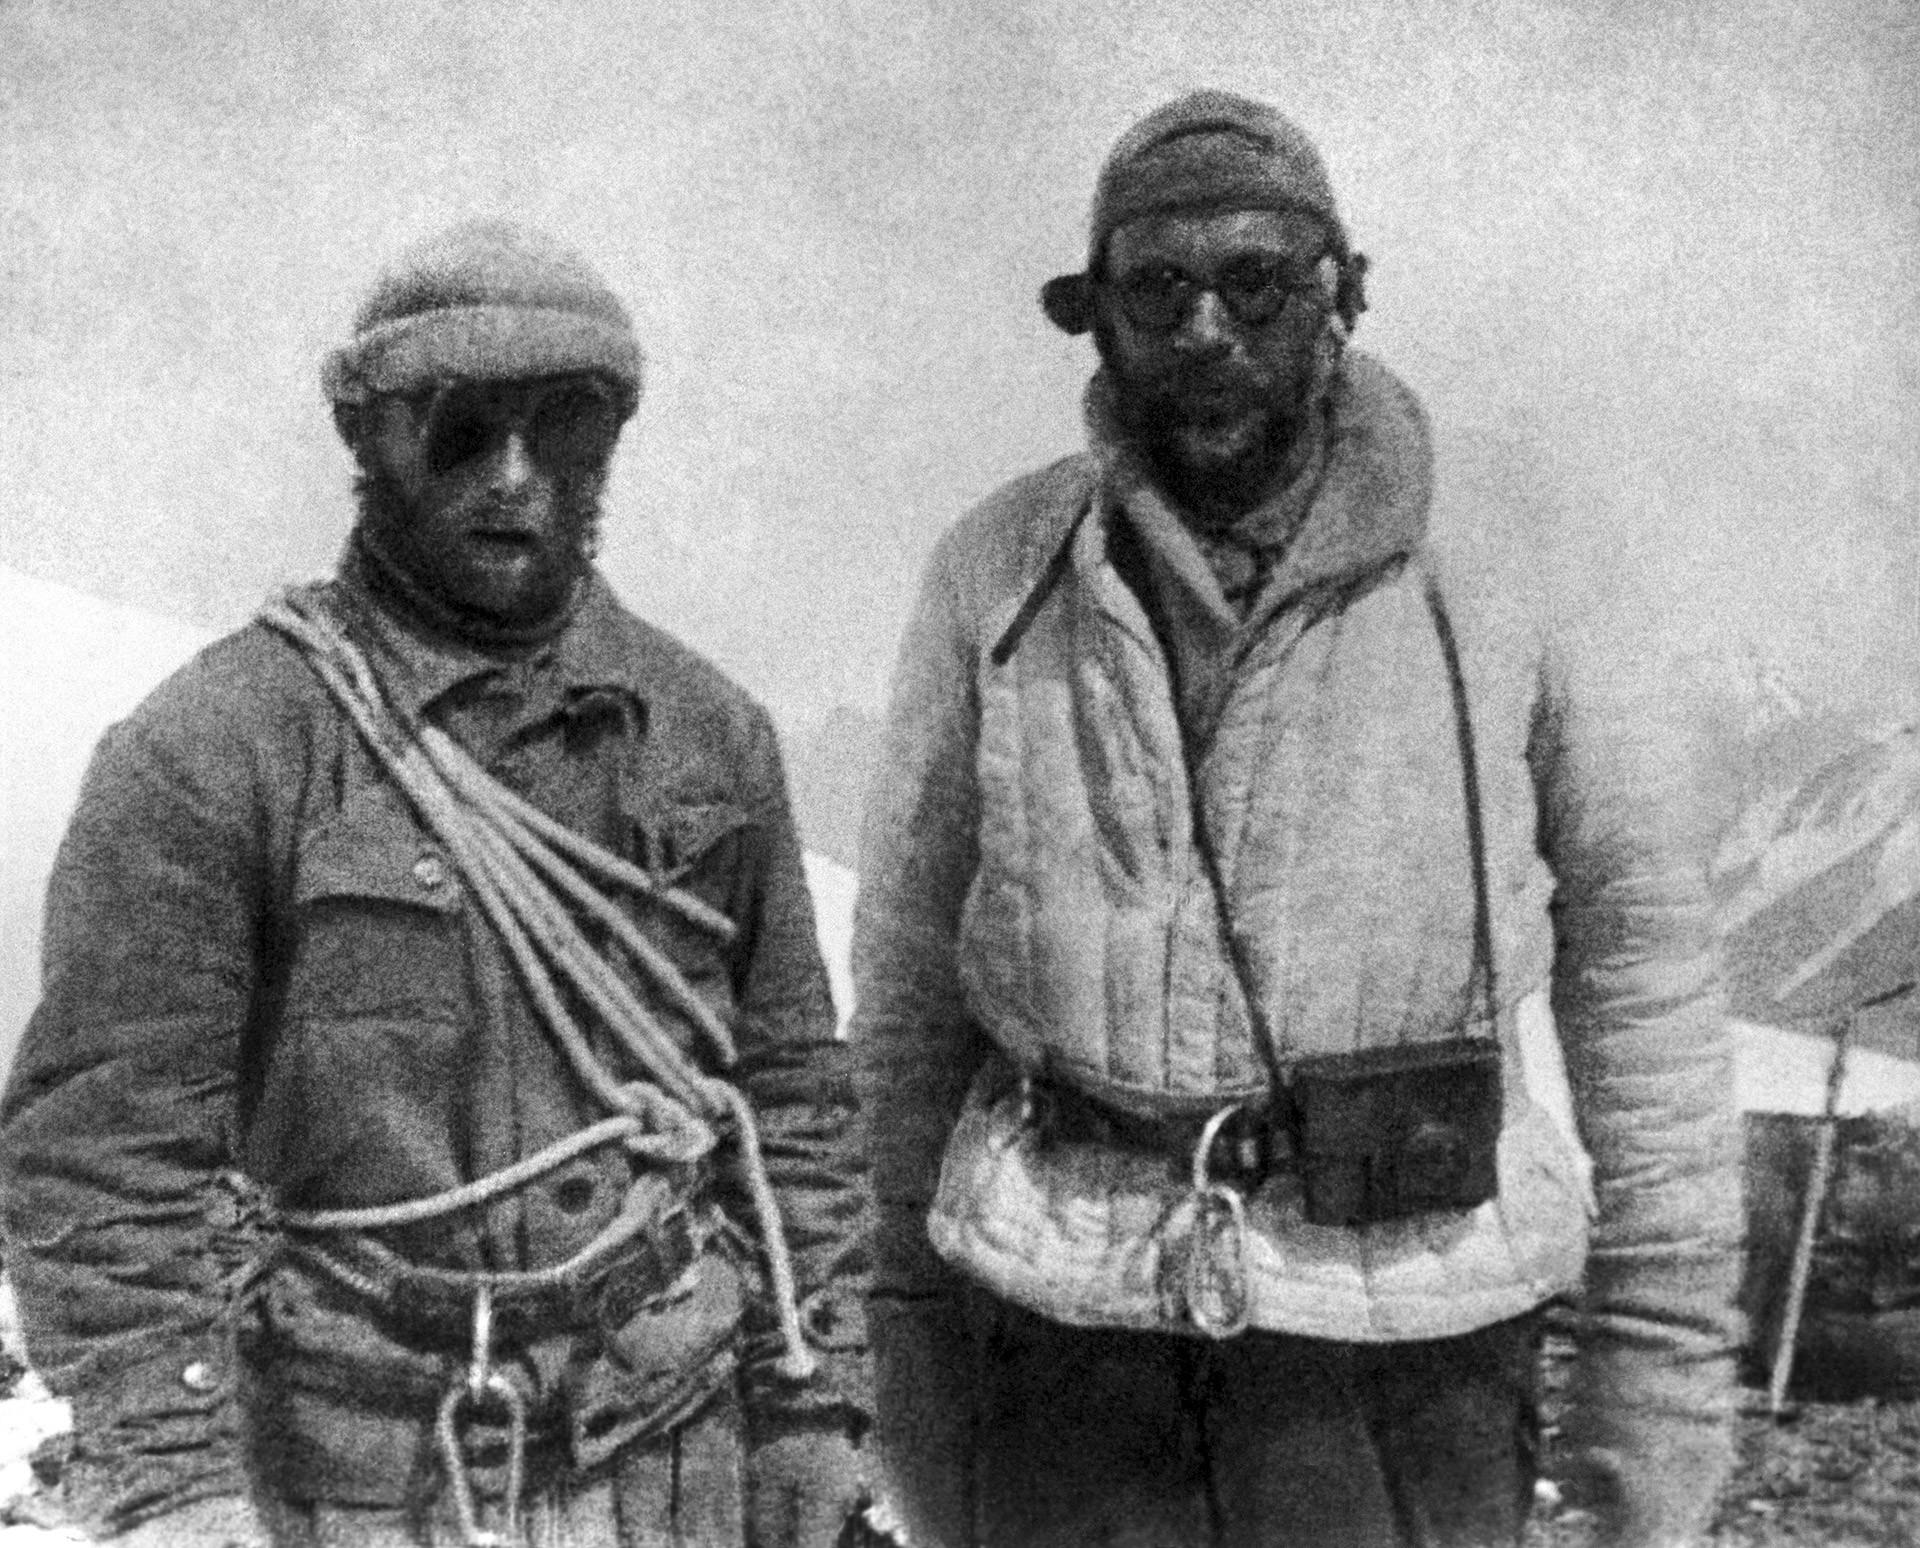 """Јевгениј Абалаков (лево) и Николај Горбунов (десно), чланови """"Одреда бр. 29"""" који су у августу 1933. године кренули у освајање Стаљиновог врха."""